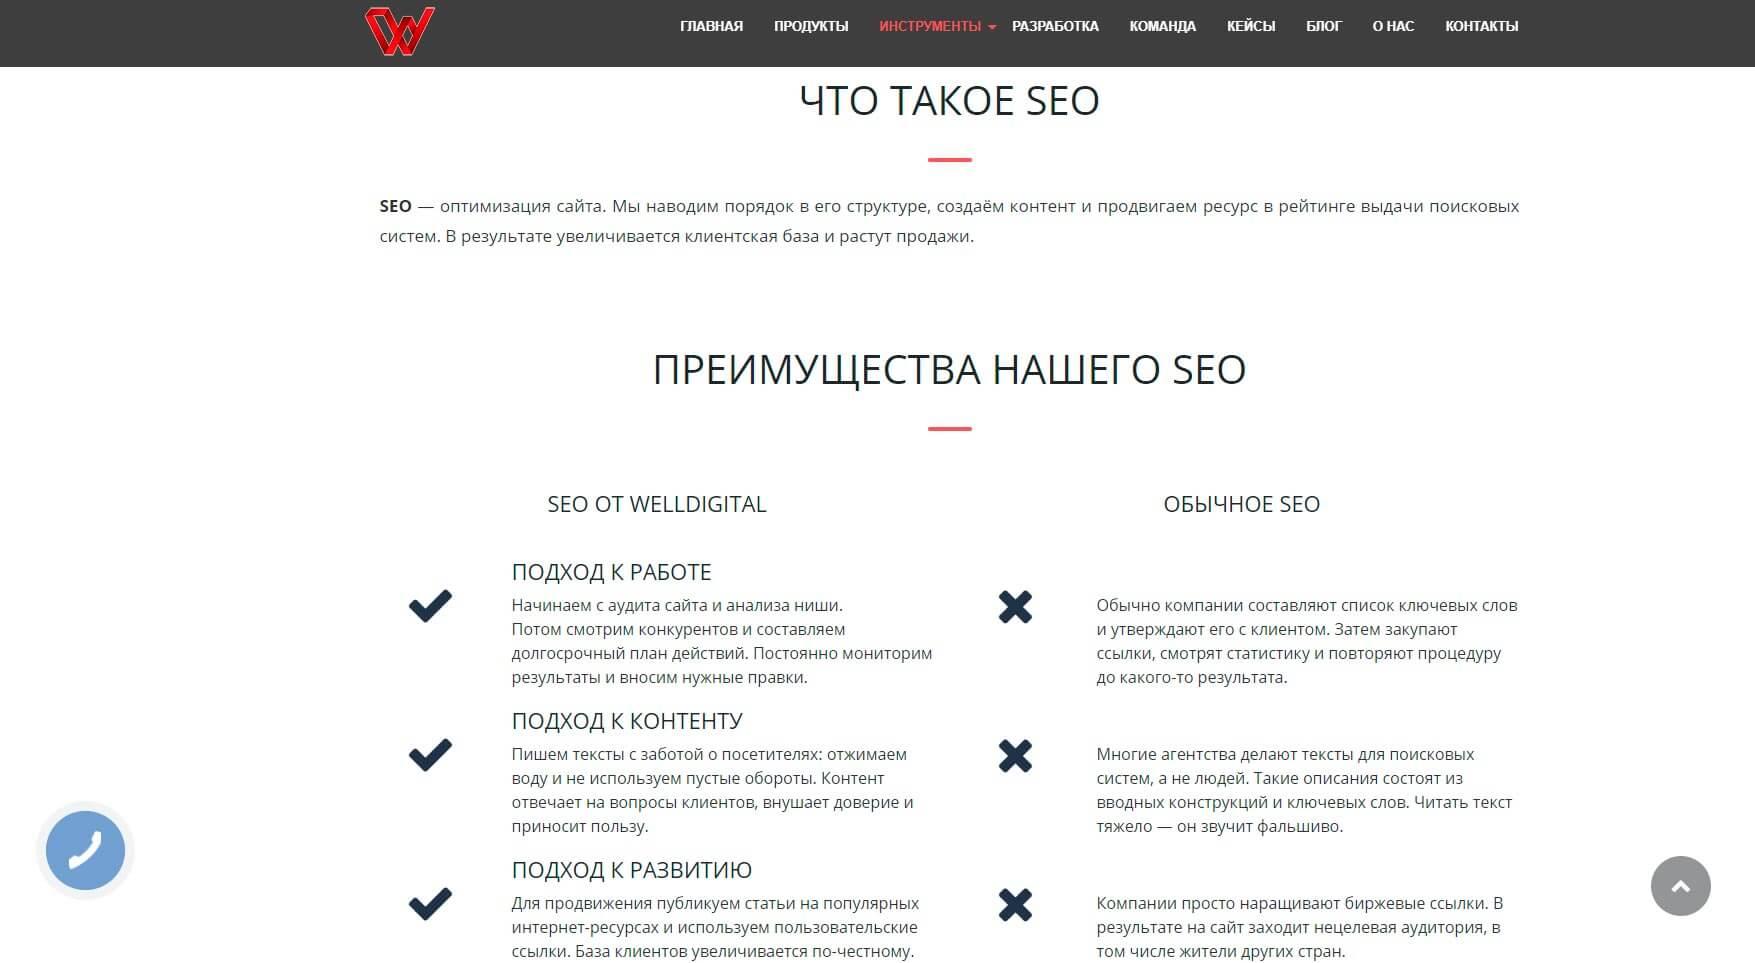 WellDigital - обзор компании, услуги, отзывы, клиенты   Google SEO, Фото № 2 - google-seo.pro